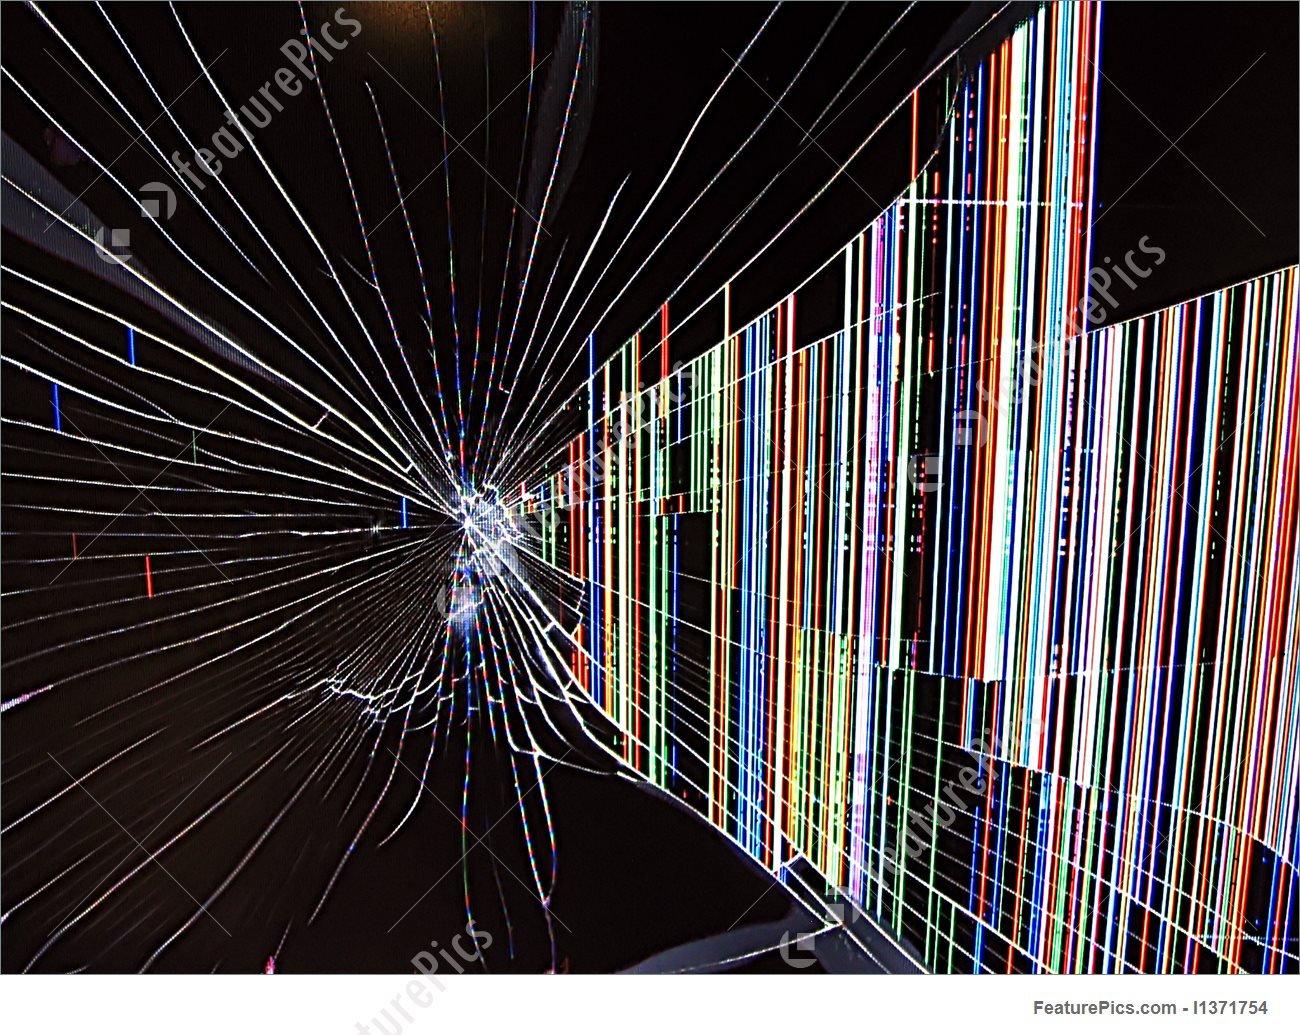 картинка разбитой матрицы на телефоне парадной формой носятся